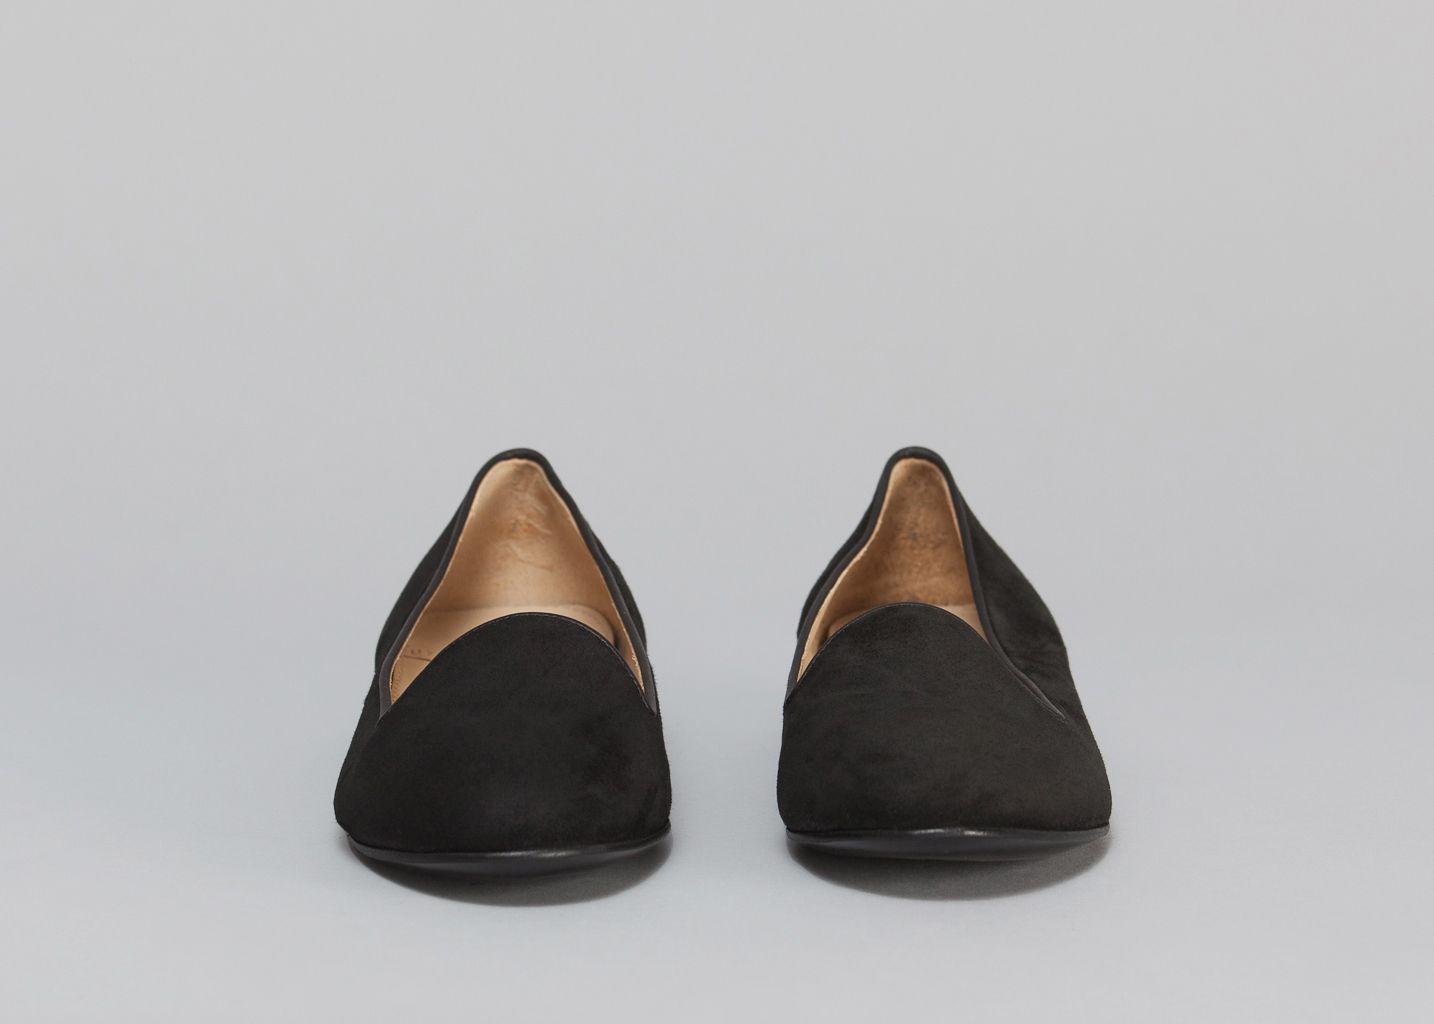 Slippers François - Chatelles